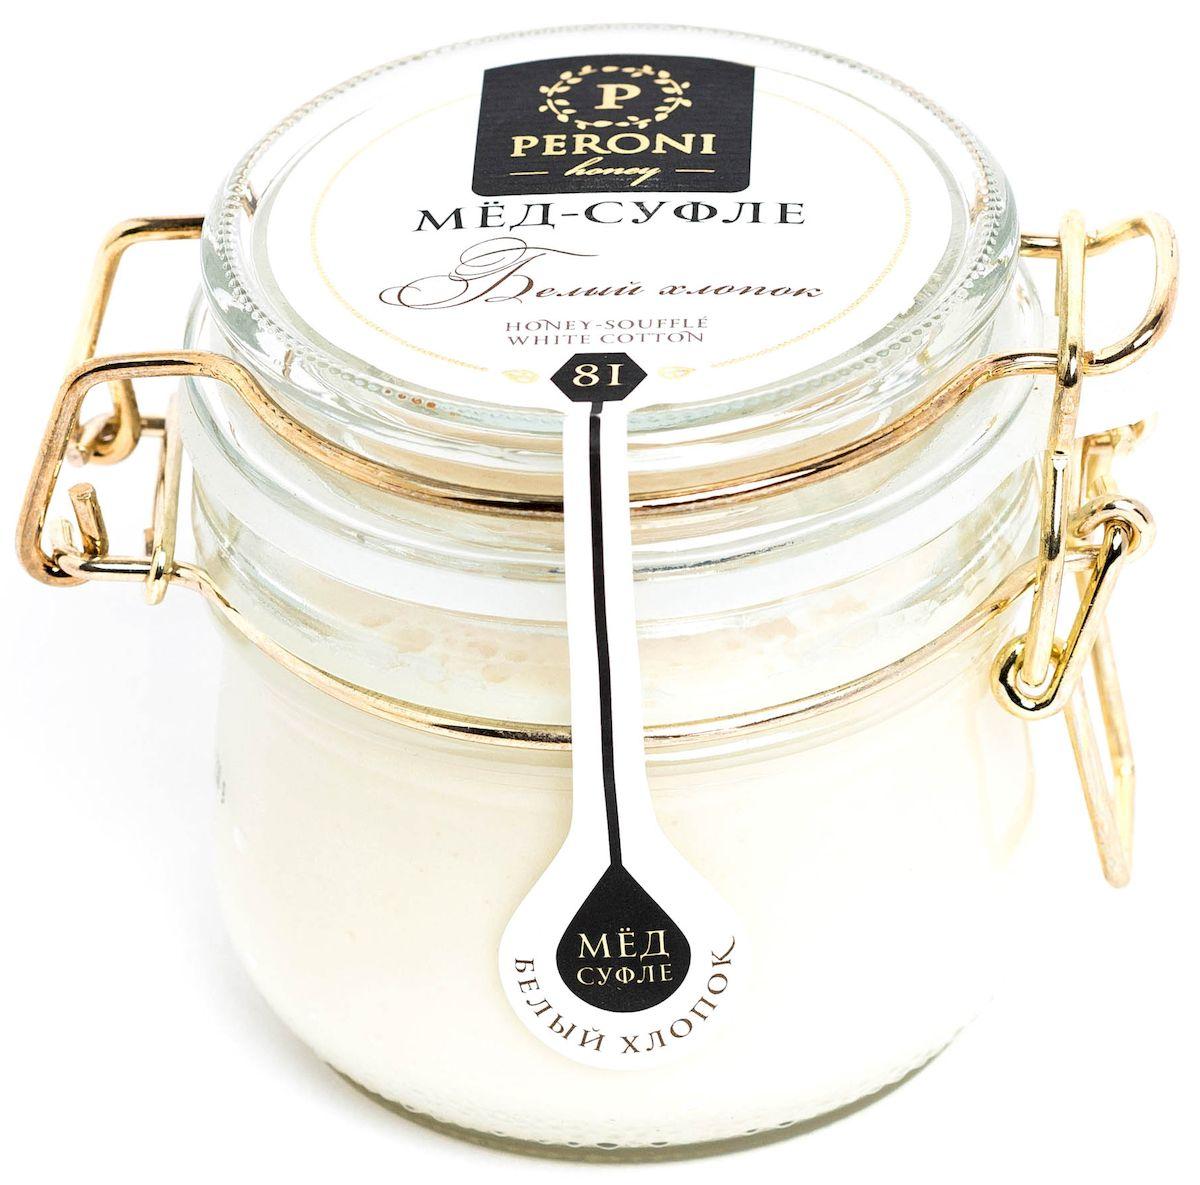 Peroni Белый хлопок мёд-суфле, 230 г0120710Мёд согревающего молочного оттенка с мягкой бархатистой текстурой. Аромат мёда тонкий, выразительный, комплексный. Преобладают ароматы летних цветов, согретой солнцем розы, сливочные оттенки. Ощущение легчайшего шелковистого мусса во рту сопровождается насыщенным сливочным вкусом с нежной пряной ноткой. Доминирует всепоглощающая сладость и тепло.Именно поэтому, если вам нездоровится зимой или в межсезонье, хлопковый мед будет прекрасным компаньоном! Он также является источником большого количества витаминов и питательных веществ, натуральным природным лекарством от кашля и болезней органов дыхания, укрепляет иммунитет. Употребление хлопкового мёда будет способствовать скорому выздоровлению и вернет вас к активной жизни.Для получения мёда-суфле используются специальные технологии. Мёд долго вымешивается при определенной скорости, после чего его выдерживают при температуре 12-14°С, тем самым закрепляя его нужную консистенцию. Все полезные свойства мёда при этом сохраняются.